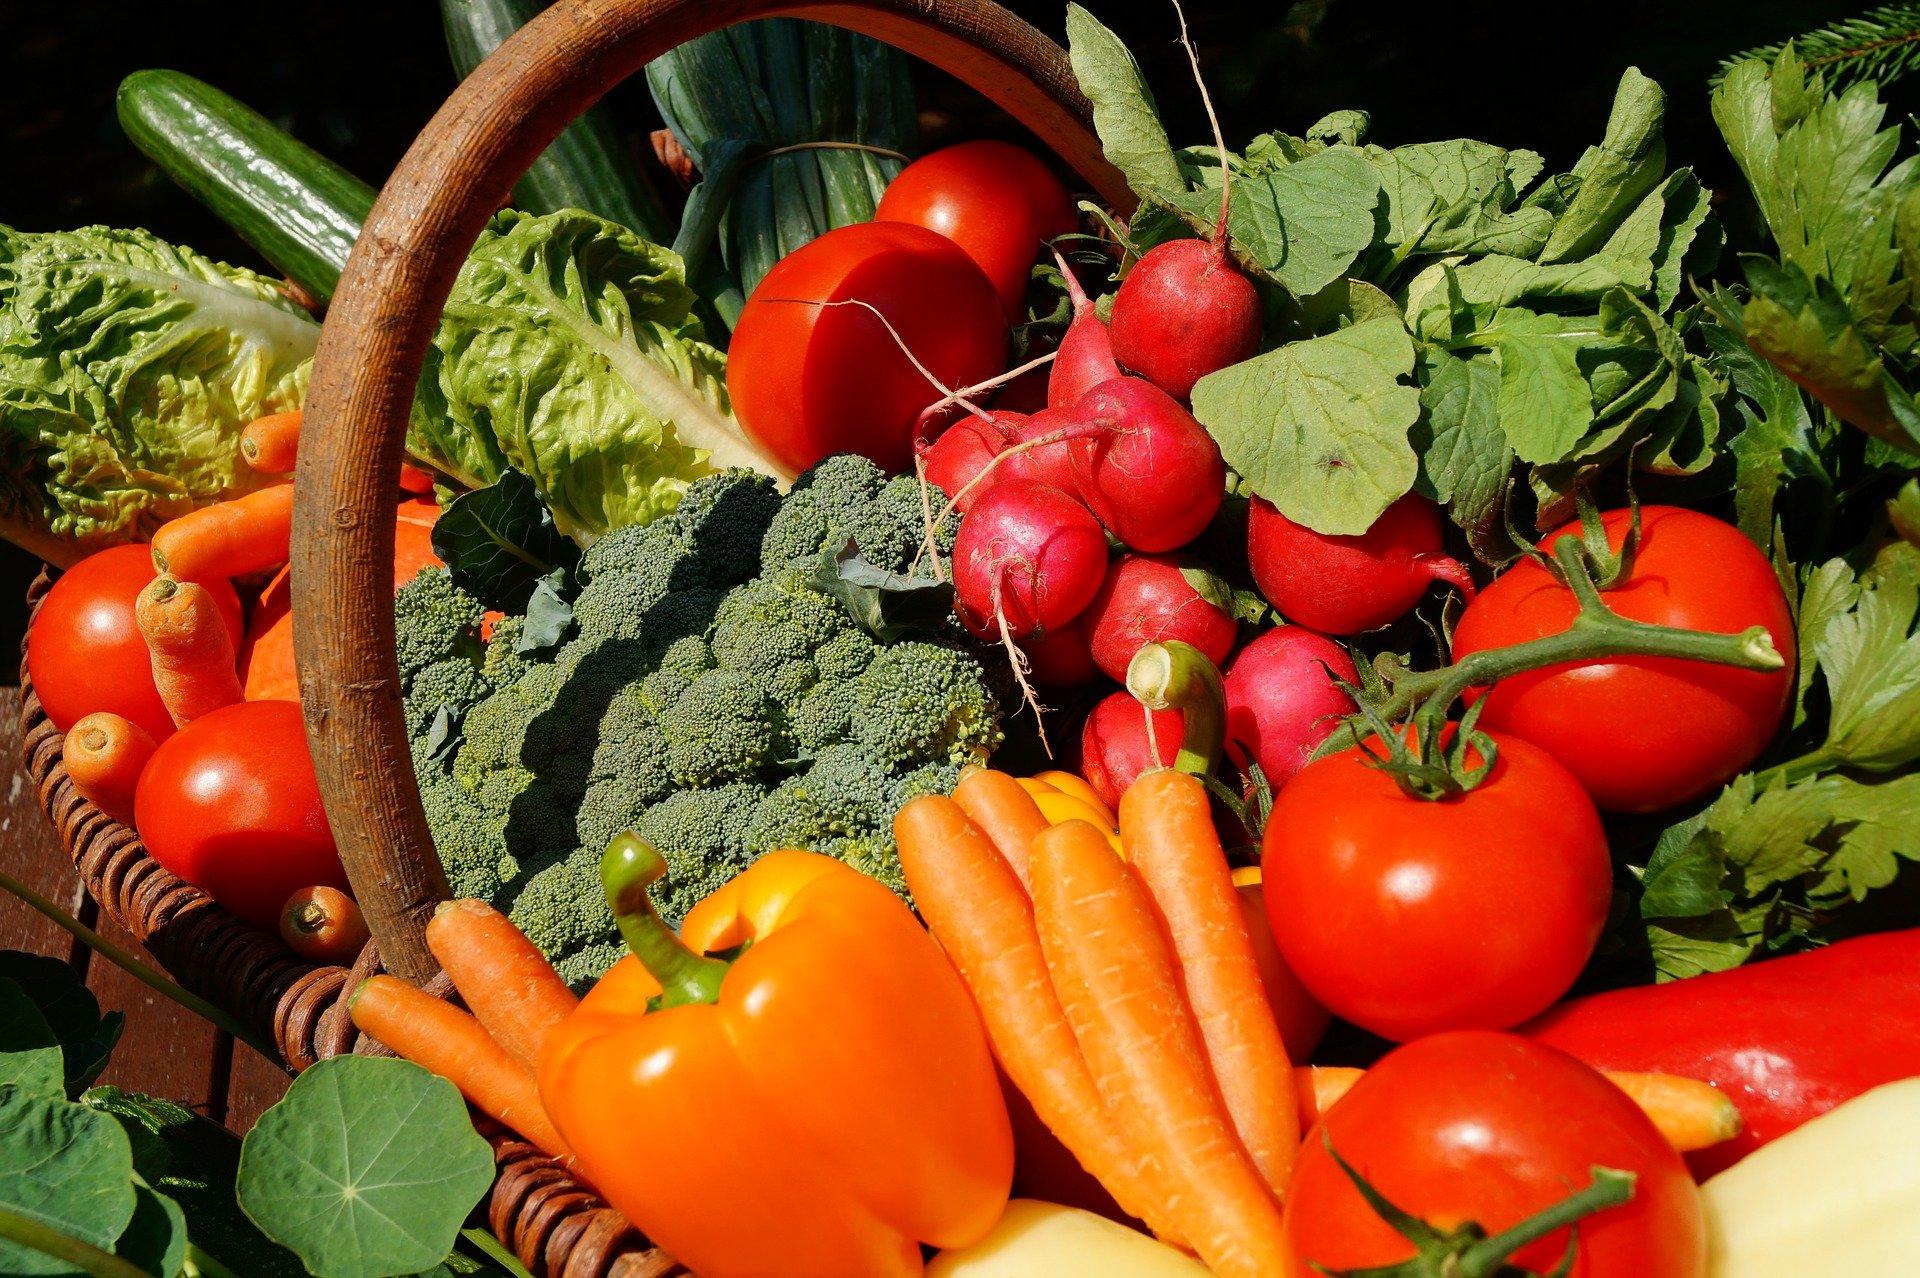 svenhilker_vegetables-3386212_1920